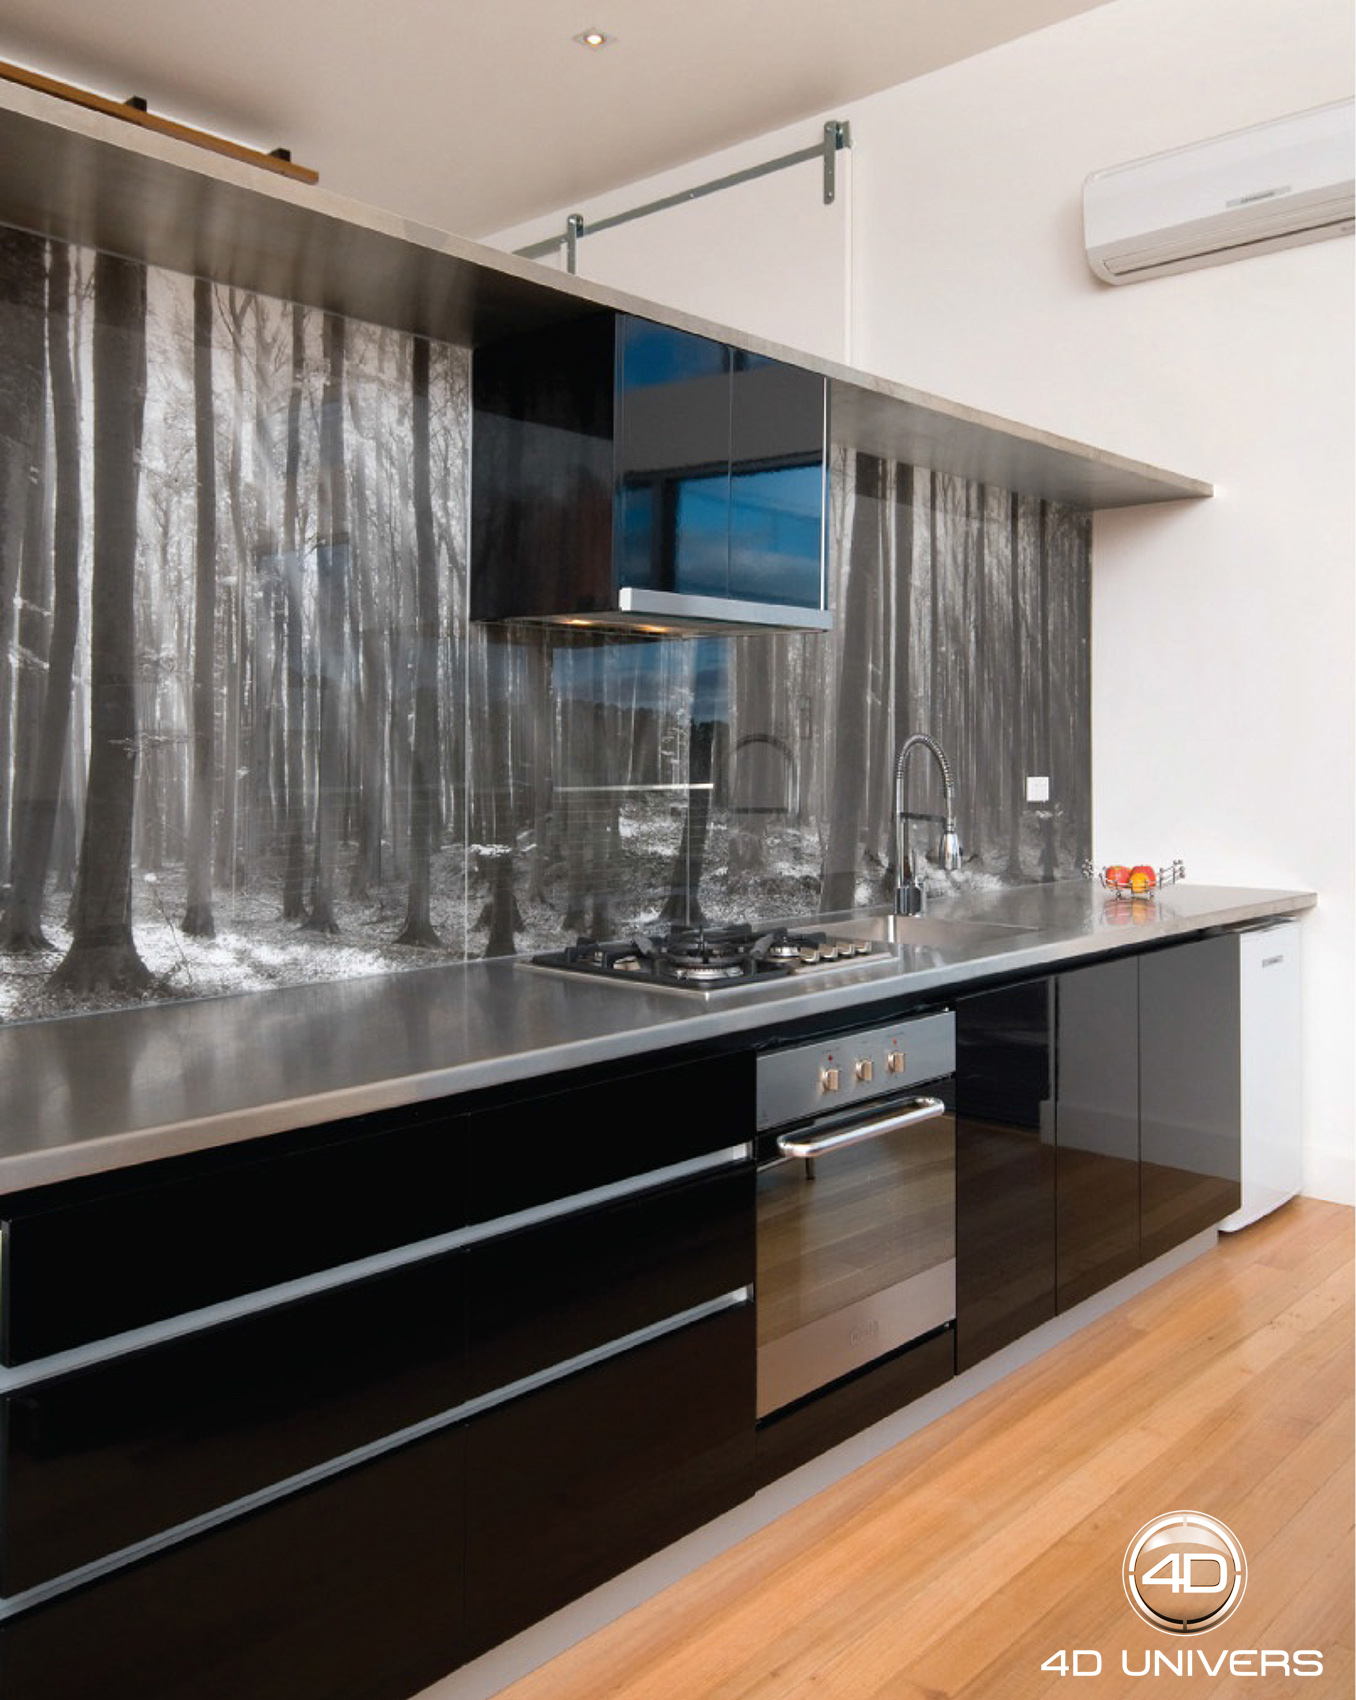 Interieur 3d luxe megeve salle de bain 4d univers for Interieur 3d